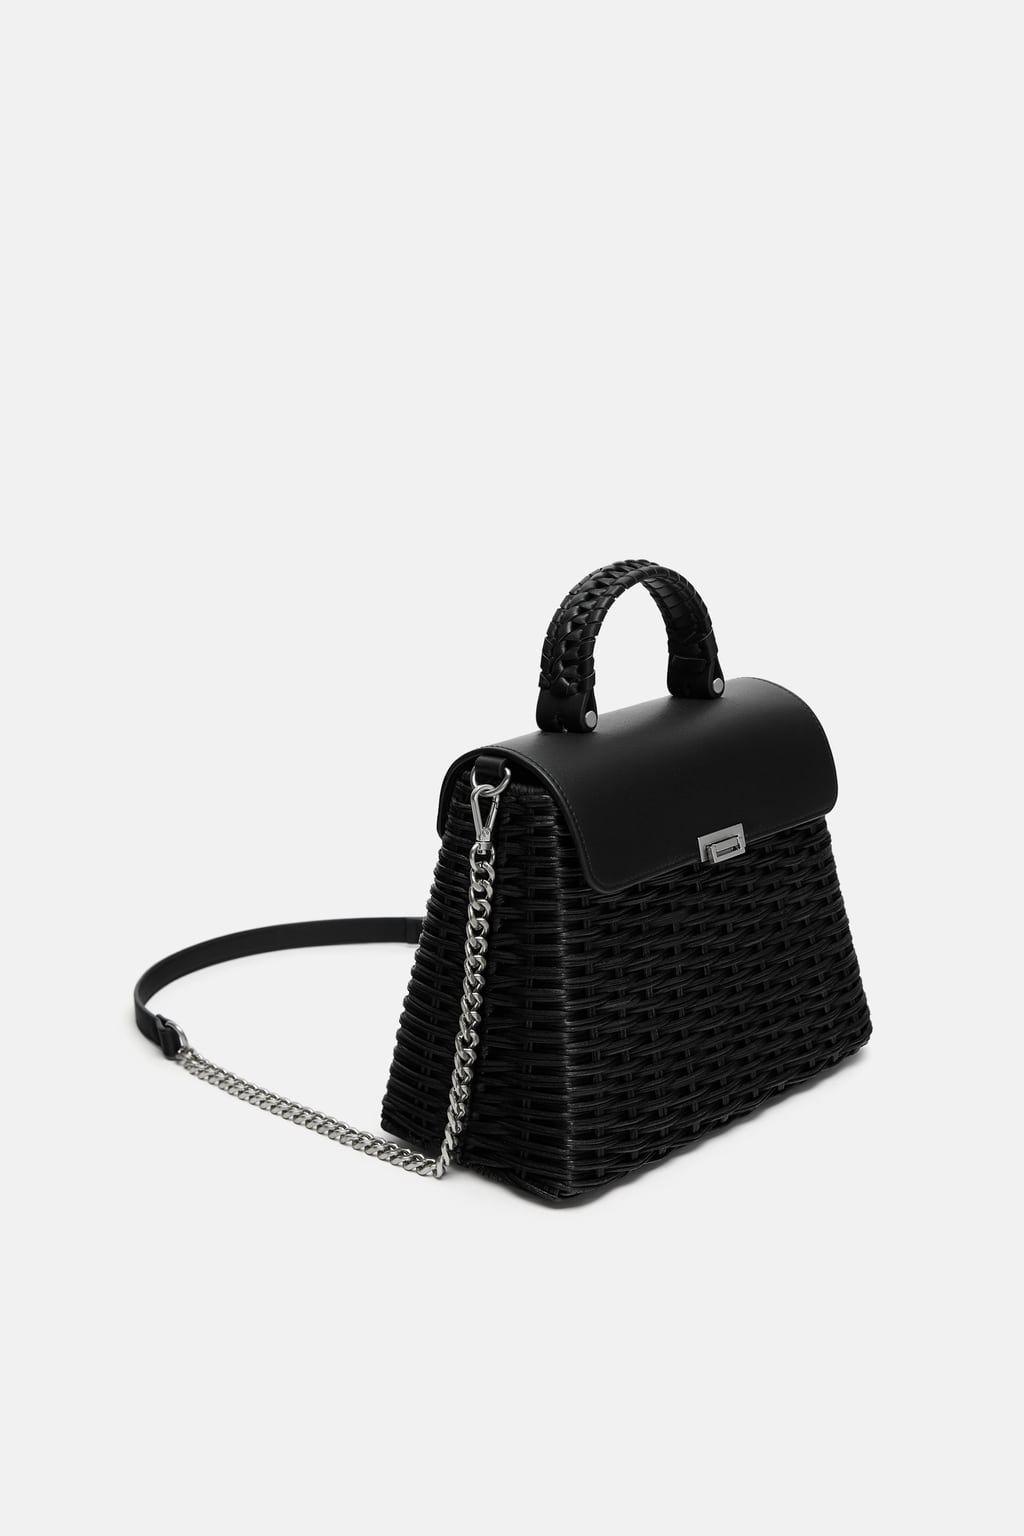 557e5bb5de7bc Woven handbag in 2019 | G A R M E N T S | Handbags, Zara, Best ...